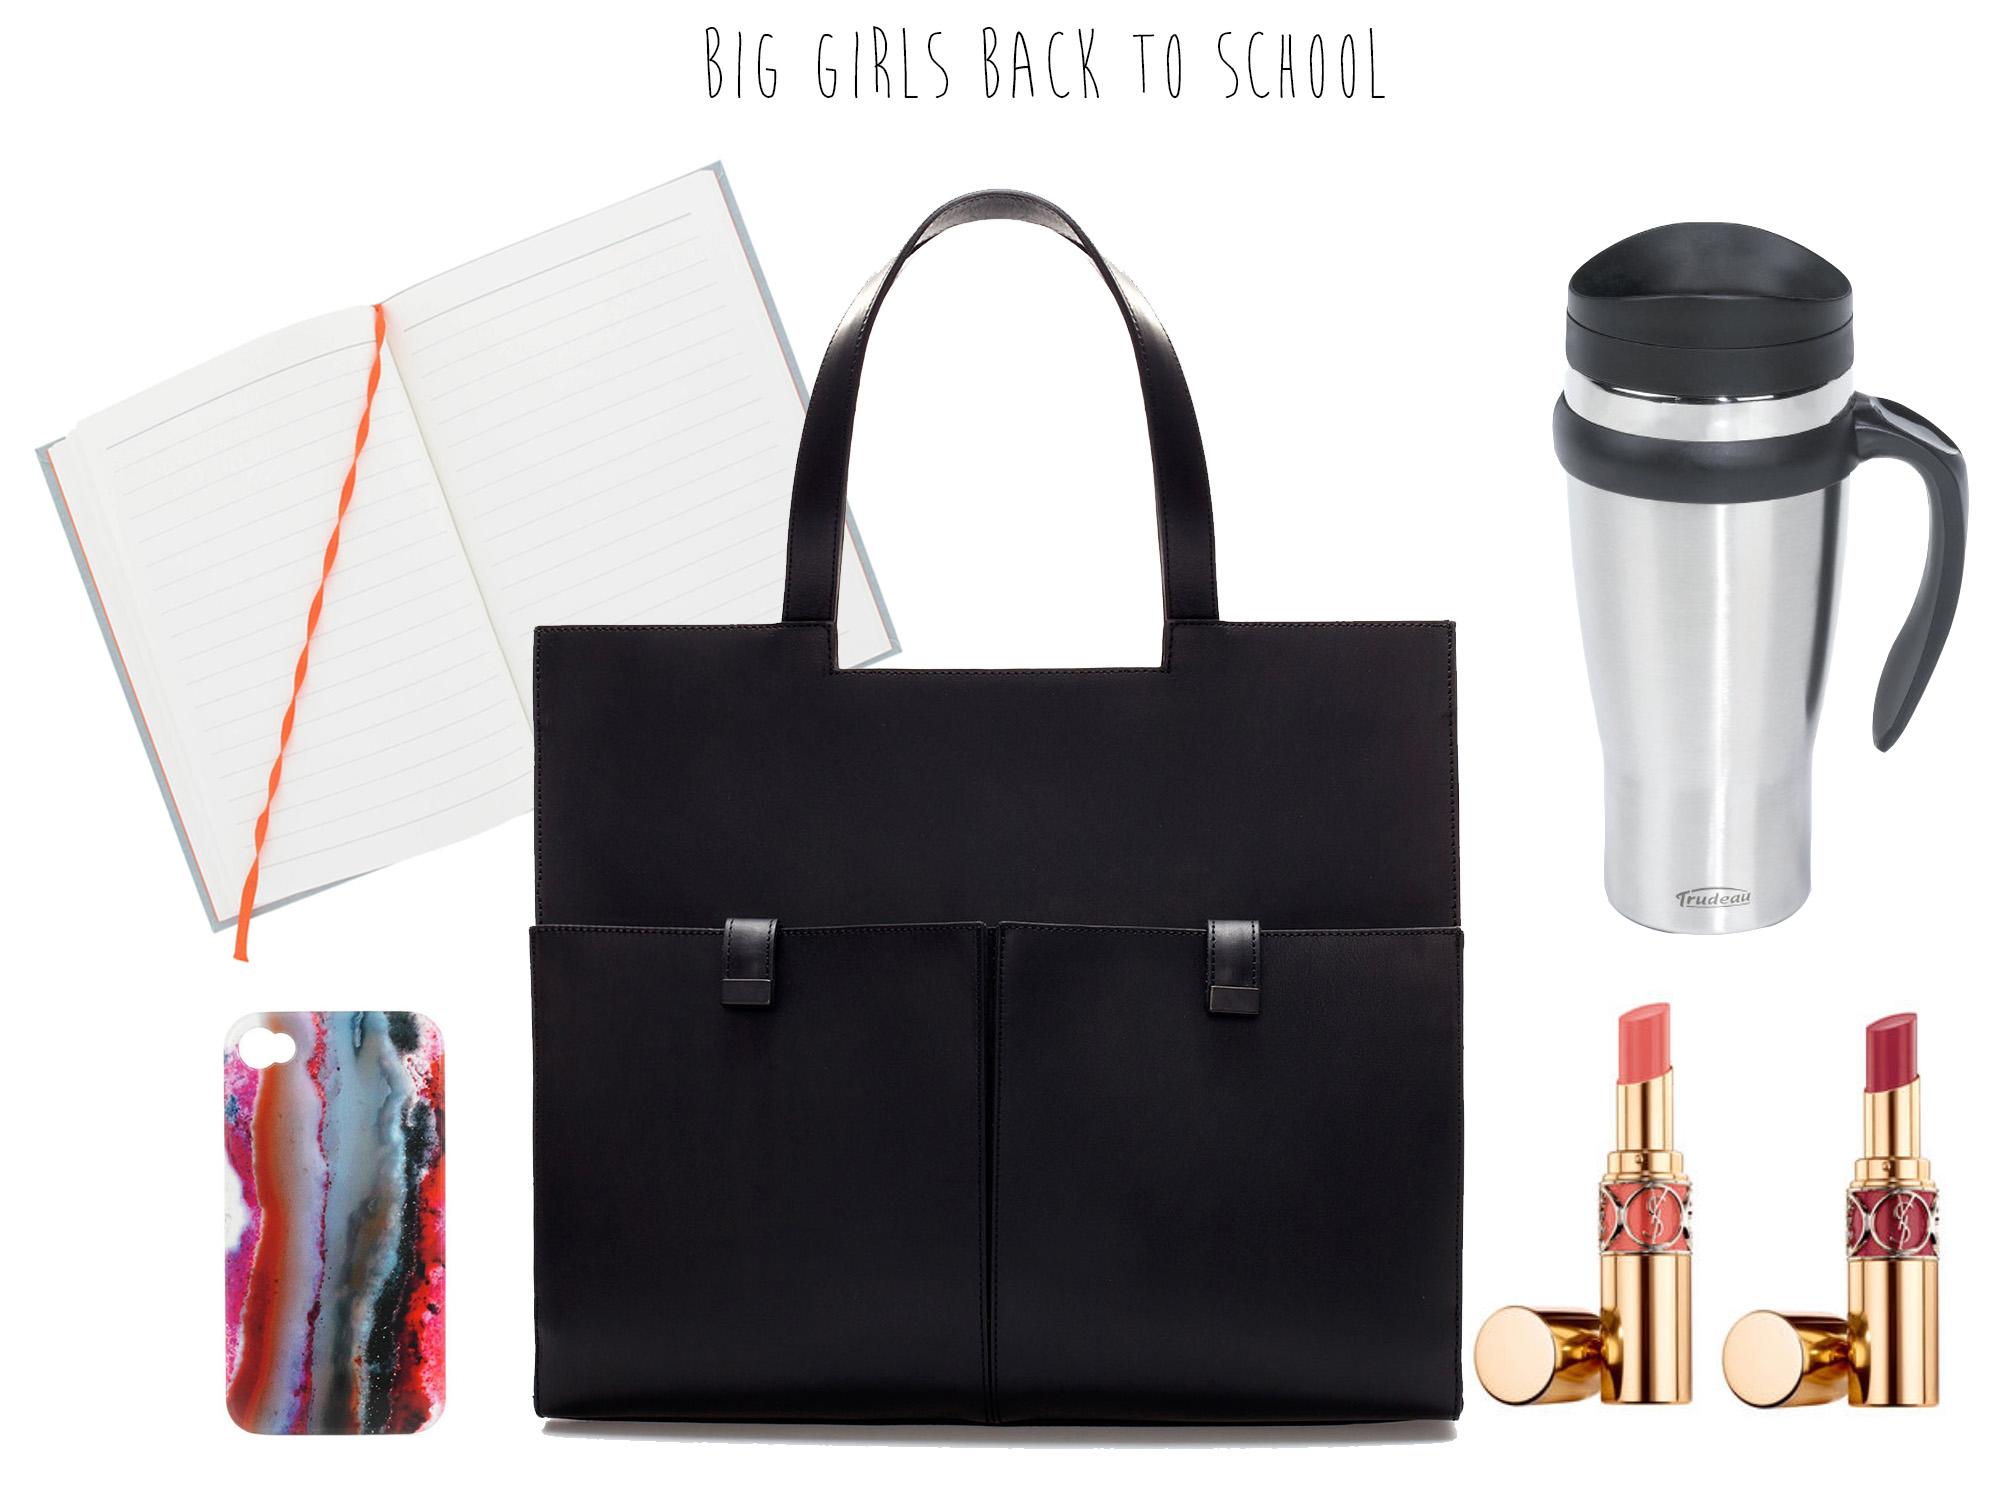 Big girl's back to school